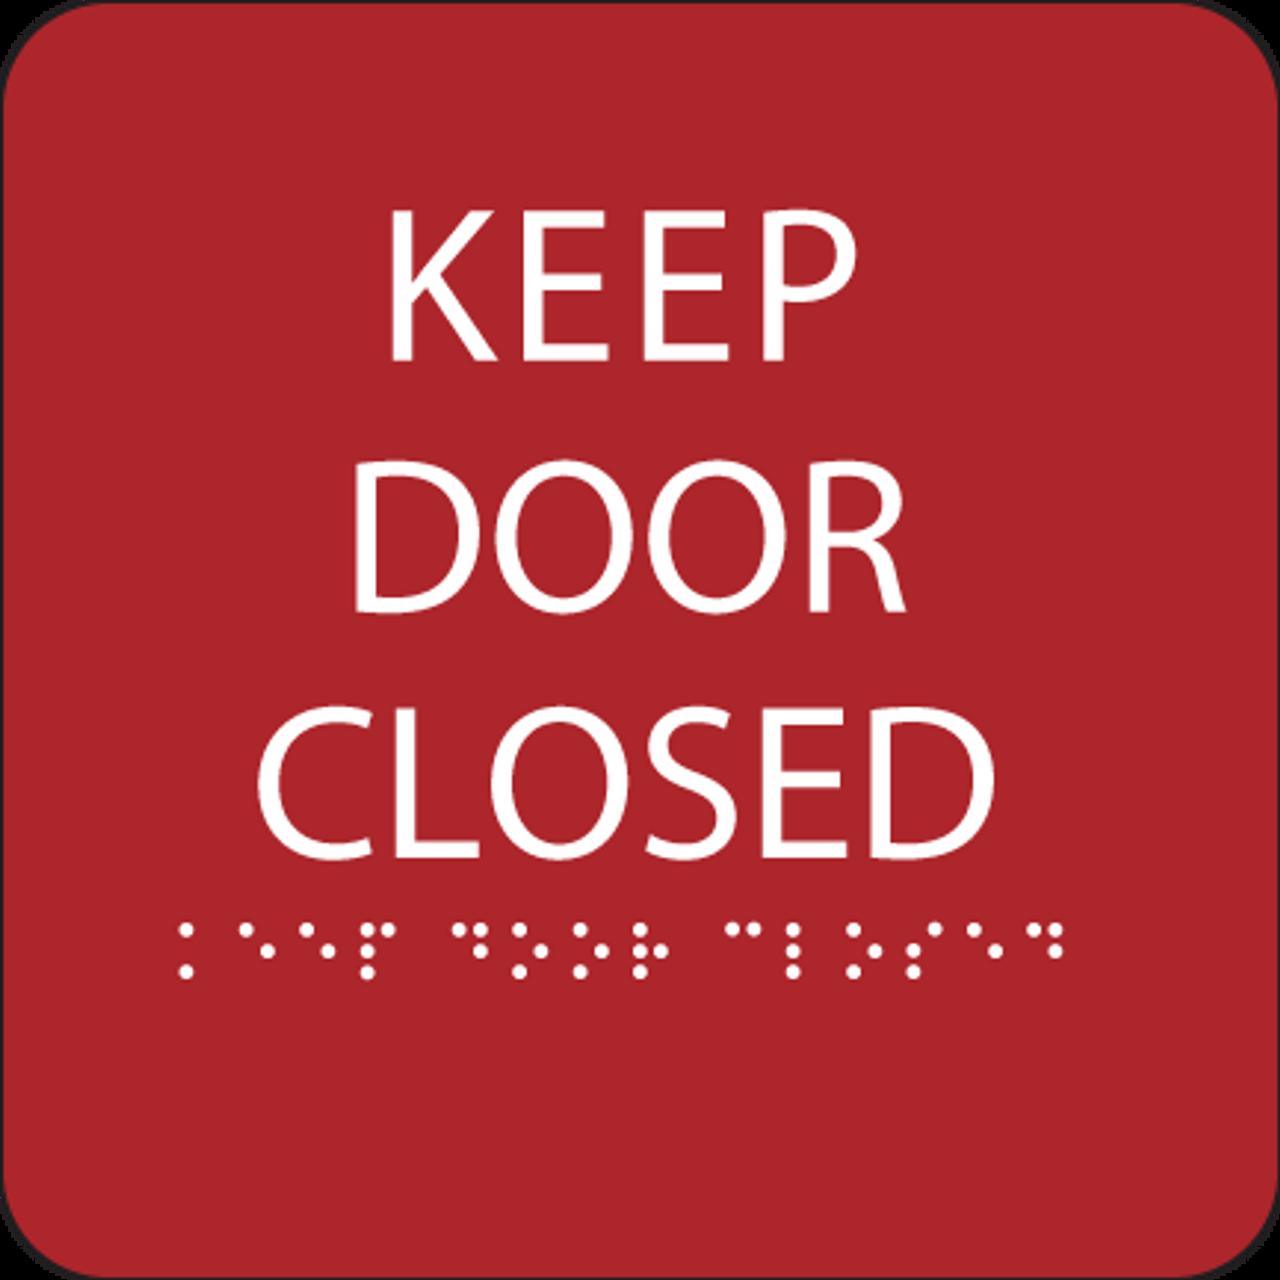 Red Keep Door Closed ADA Sign